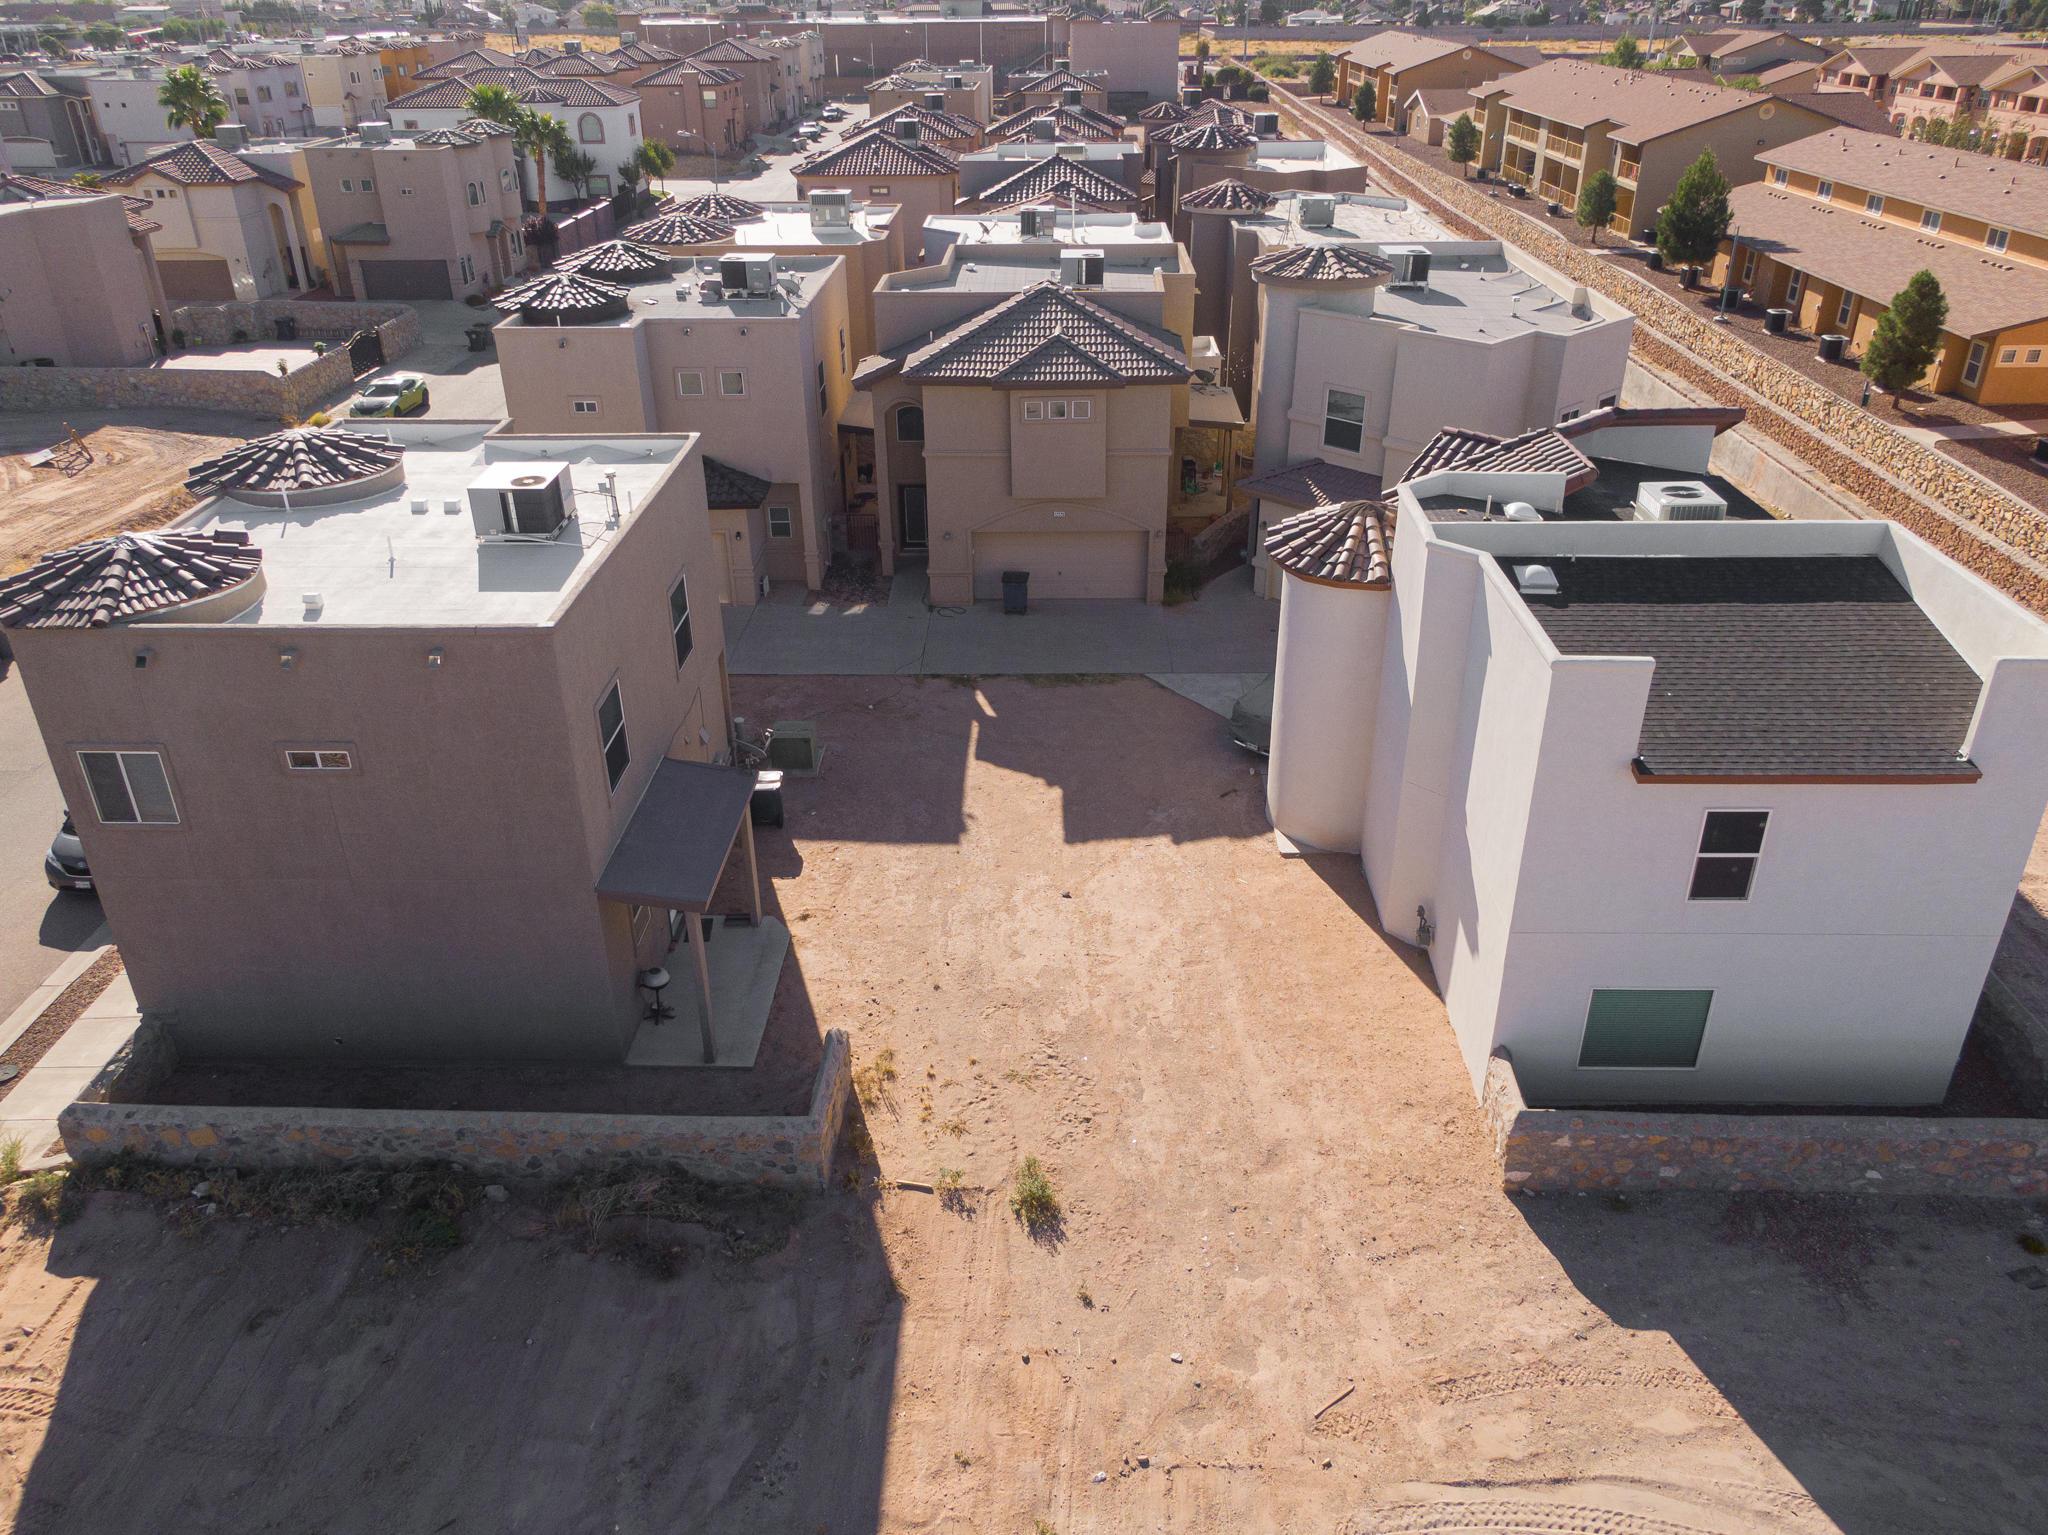 12214 Costa Brava, El Paso, Texas 79938, ,Land,For sale,Costa Brava,835165